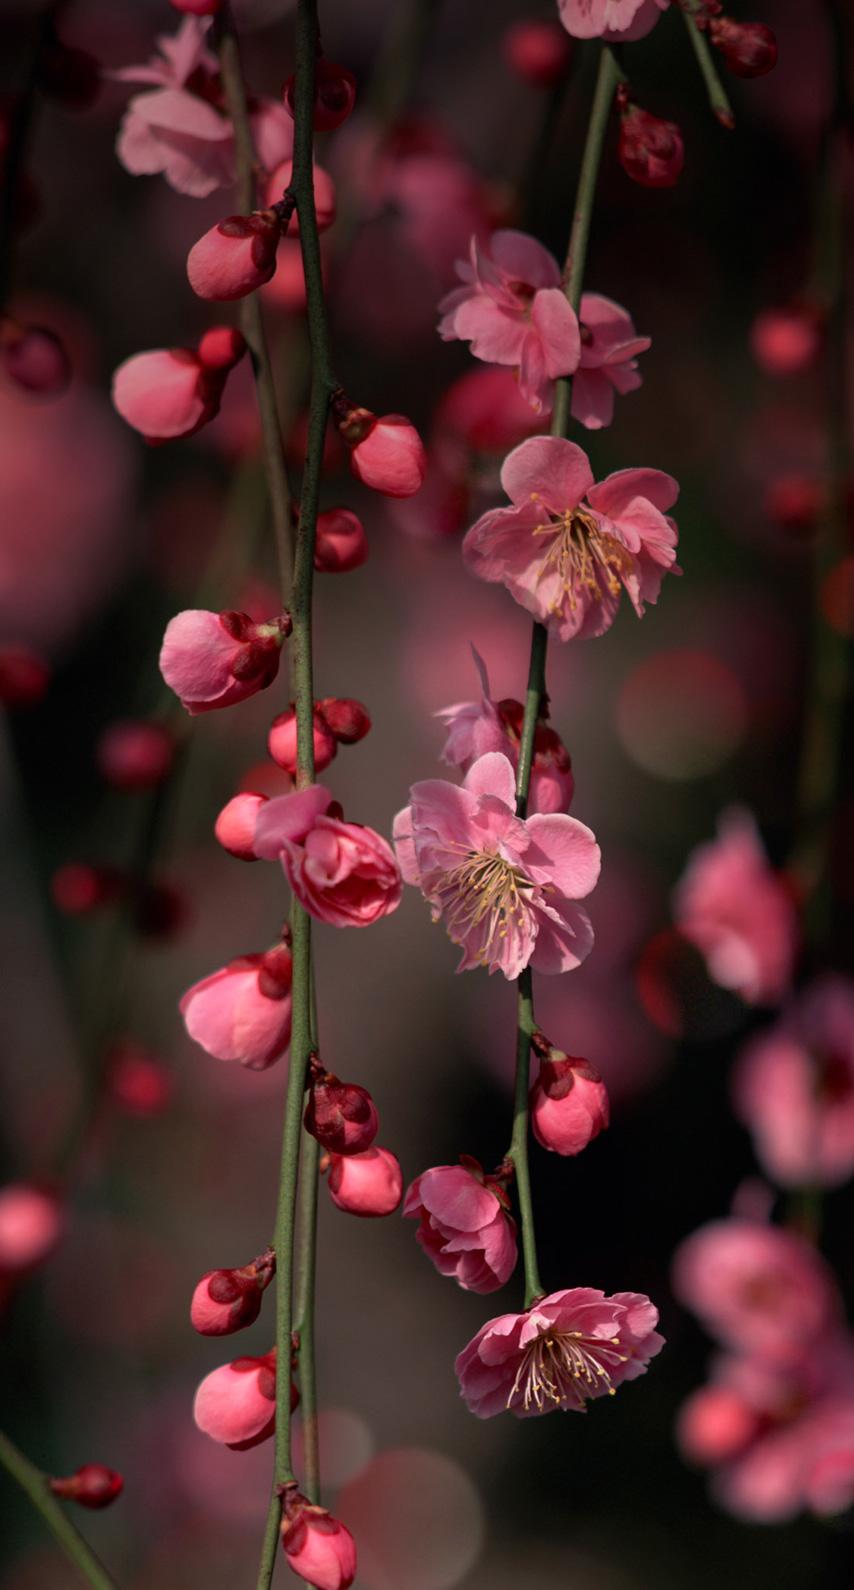 garden, blooming